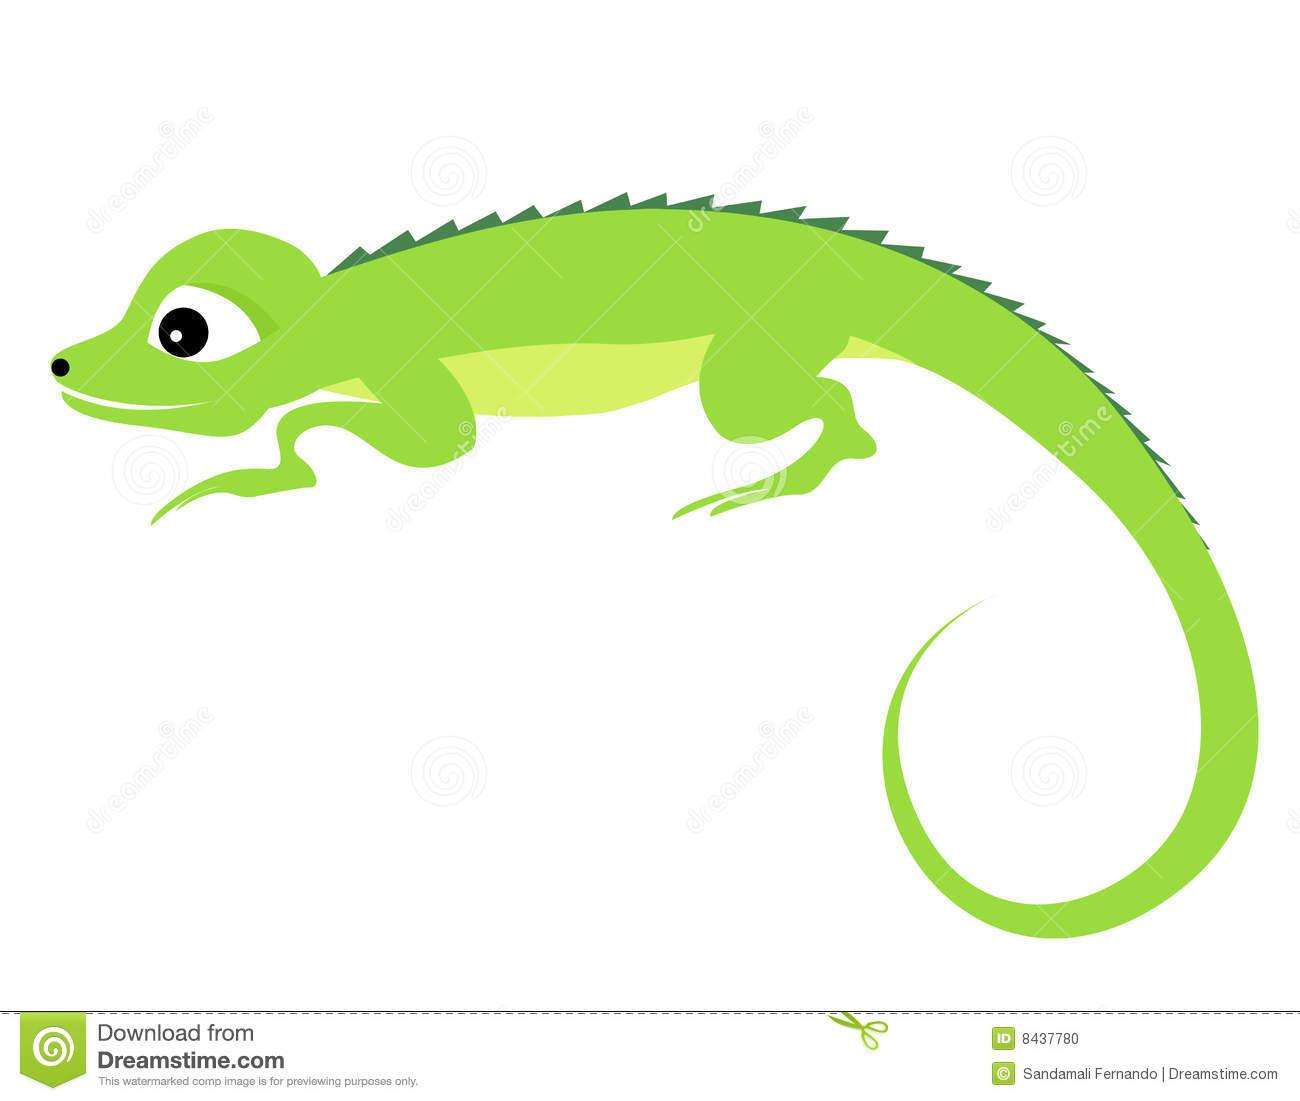 iguana clipart cartoon clipart panda free clipart images rh clipartpanda com iguana clipart outline iguana clipart images